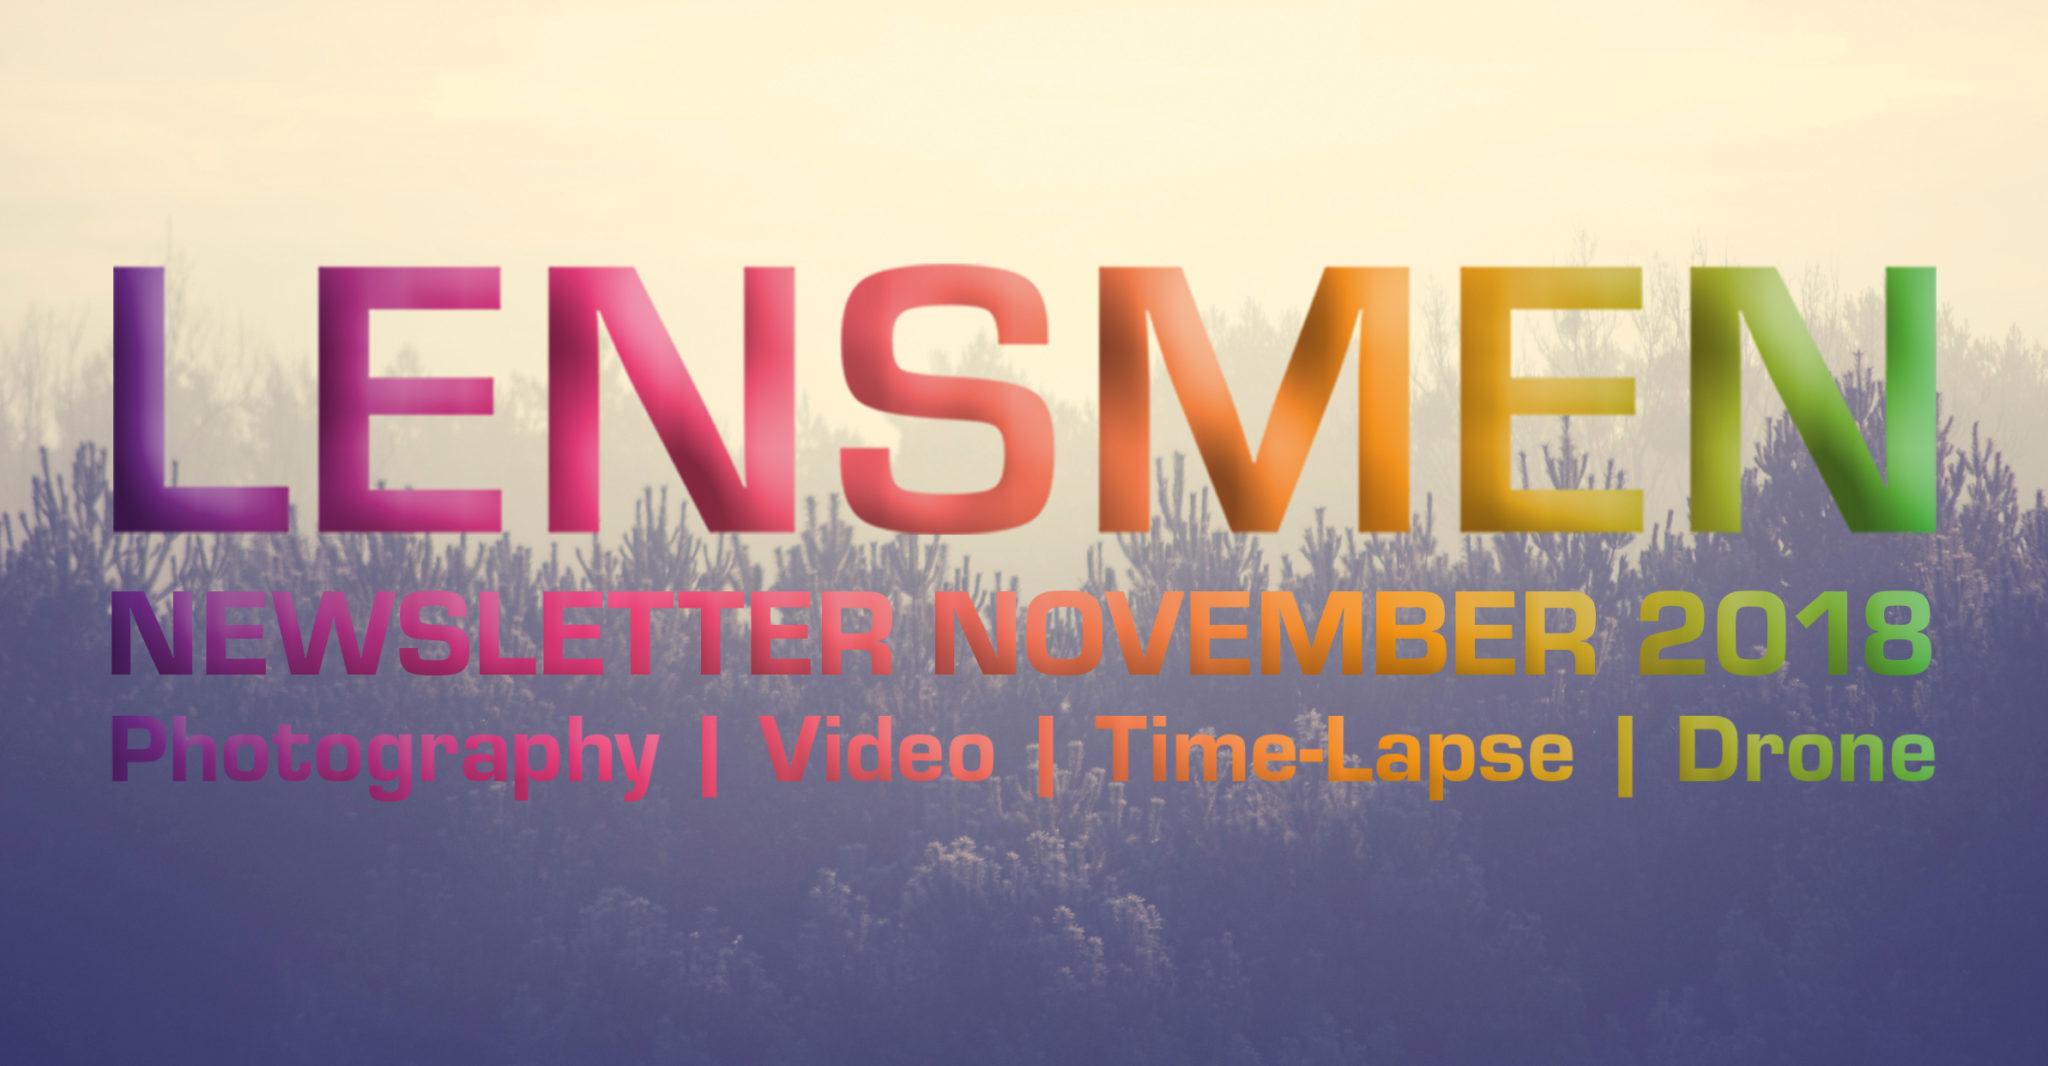 Lensmen Public Relations Photographer Newsletter